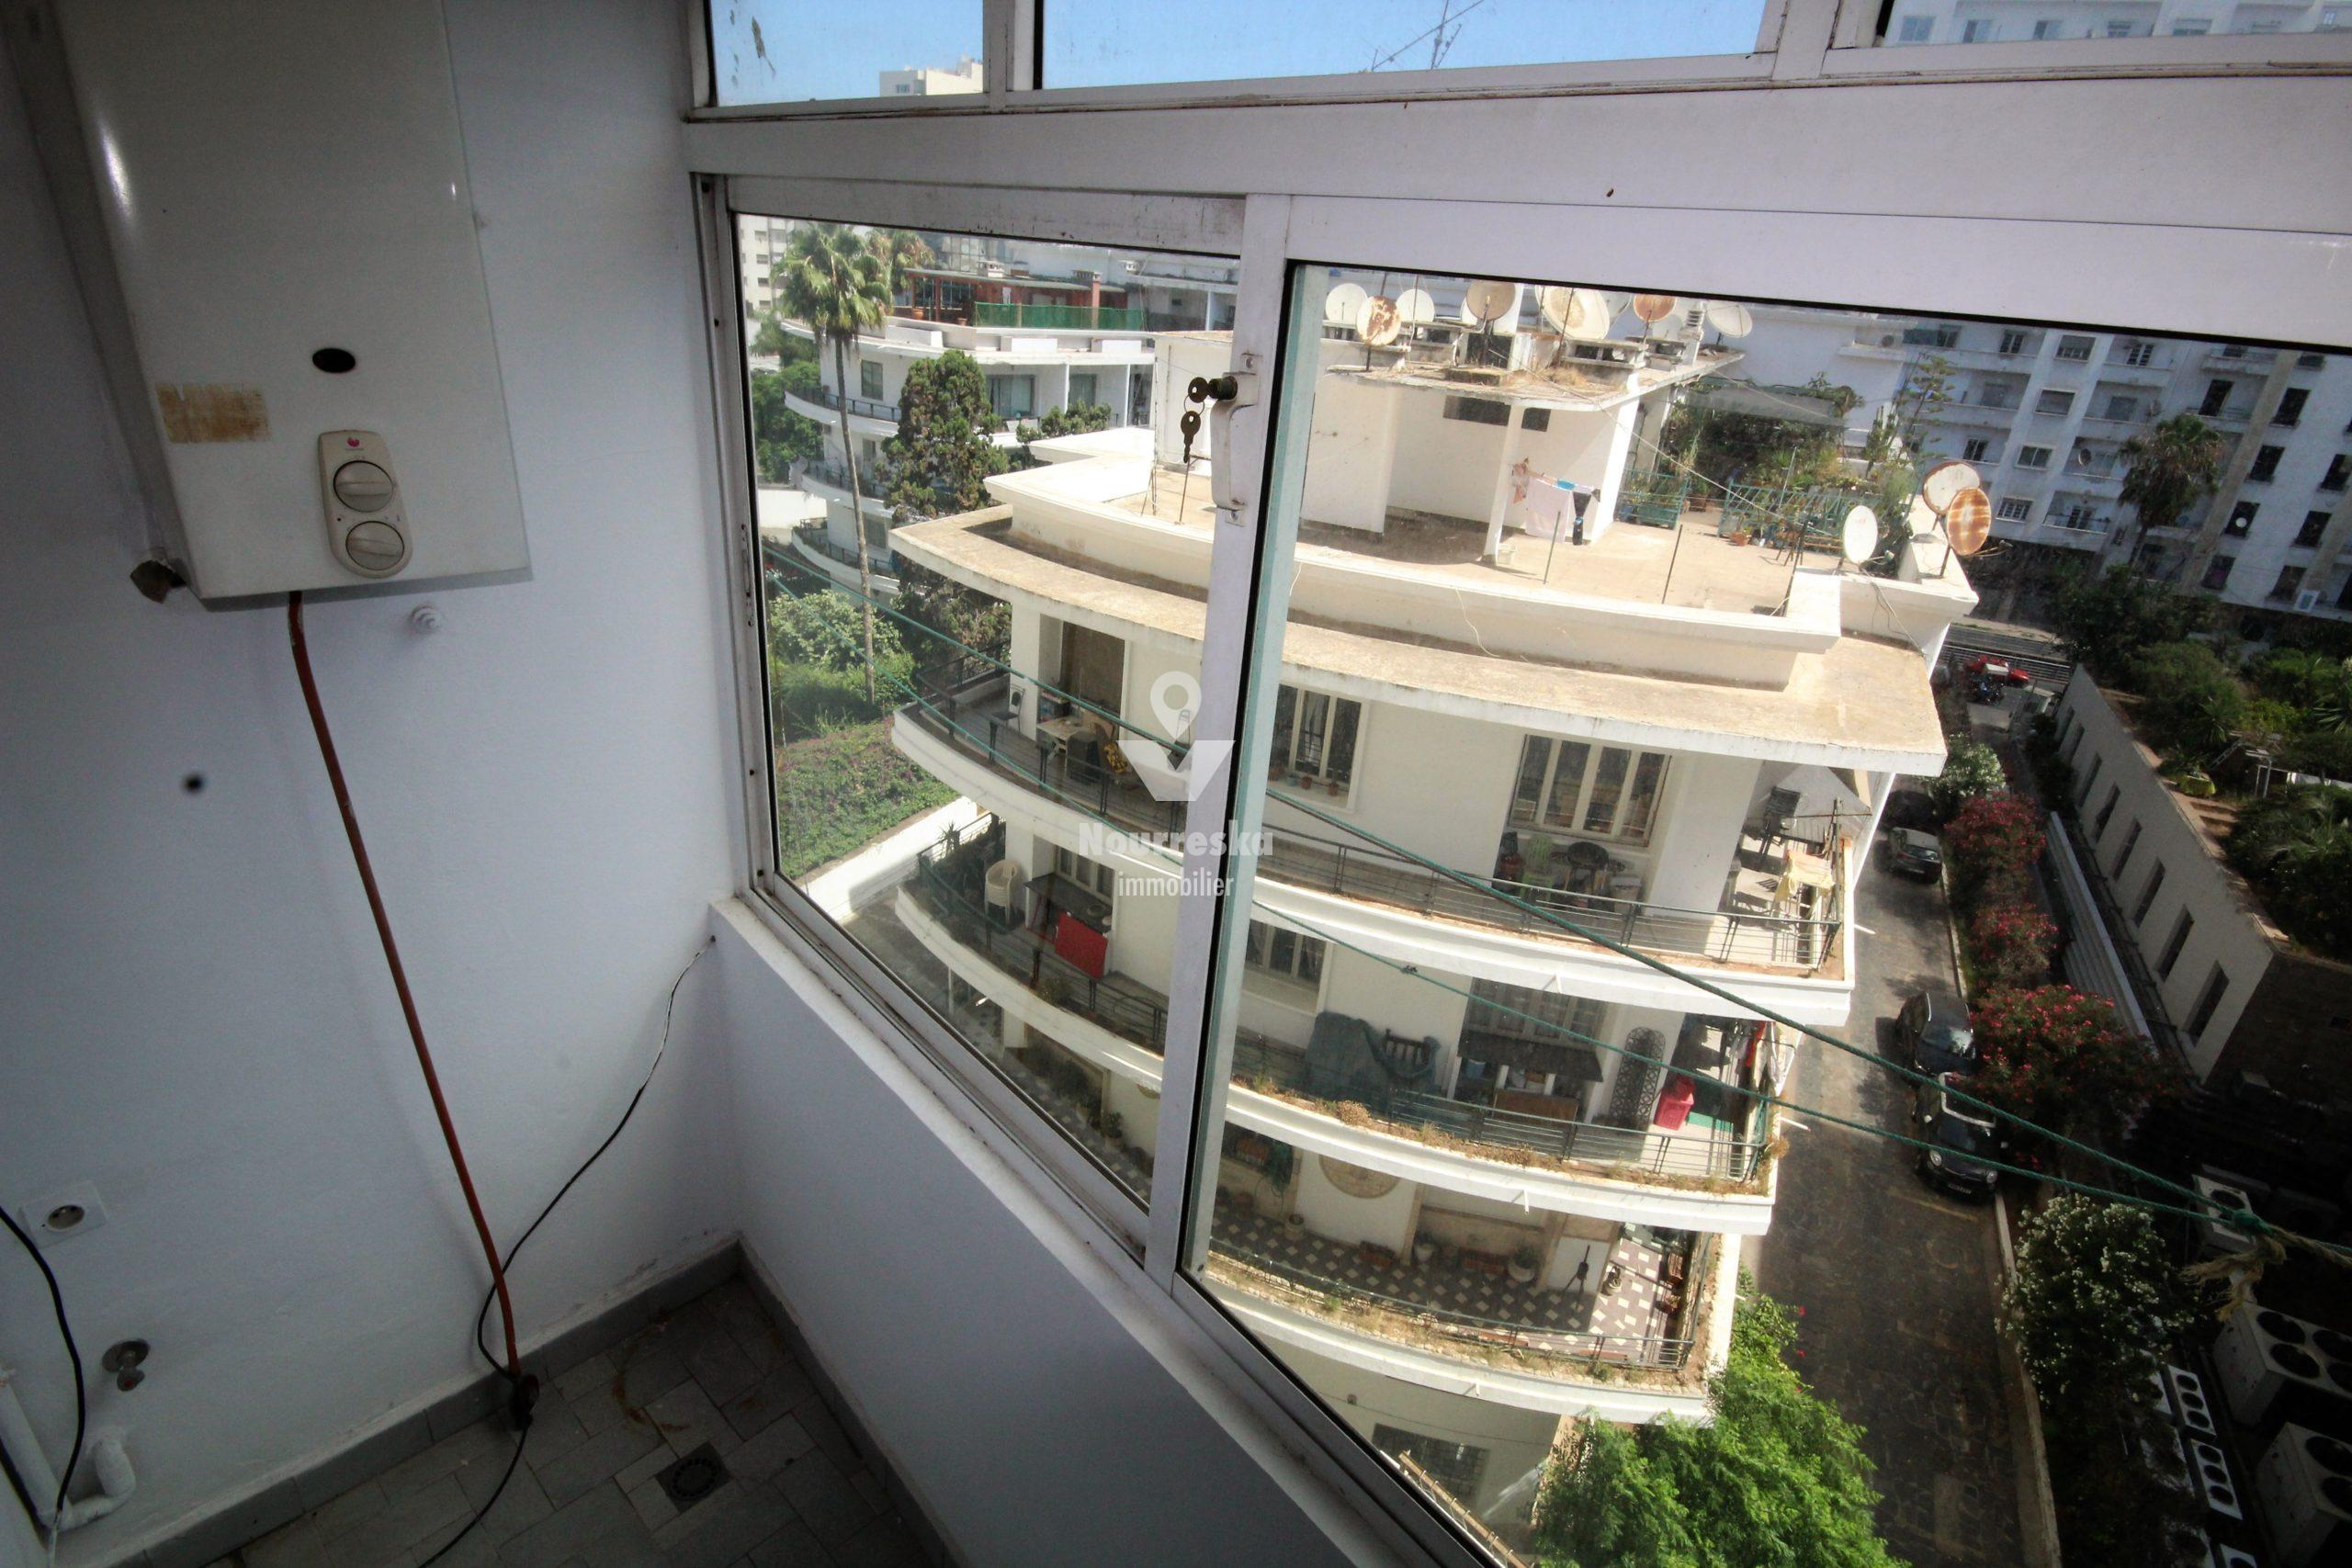 Casablanca, Palmier centre, loue appartement moderne de 150 m² à bon prix